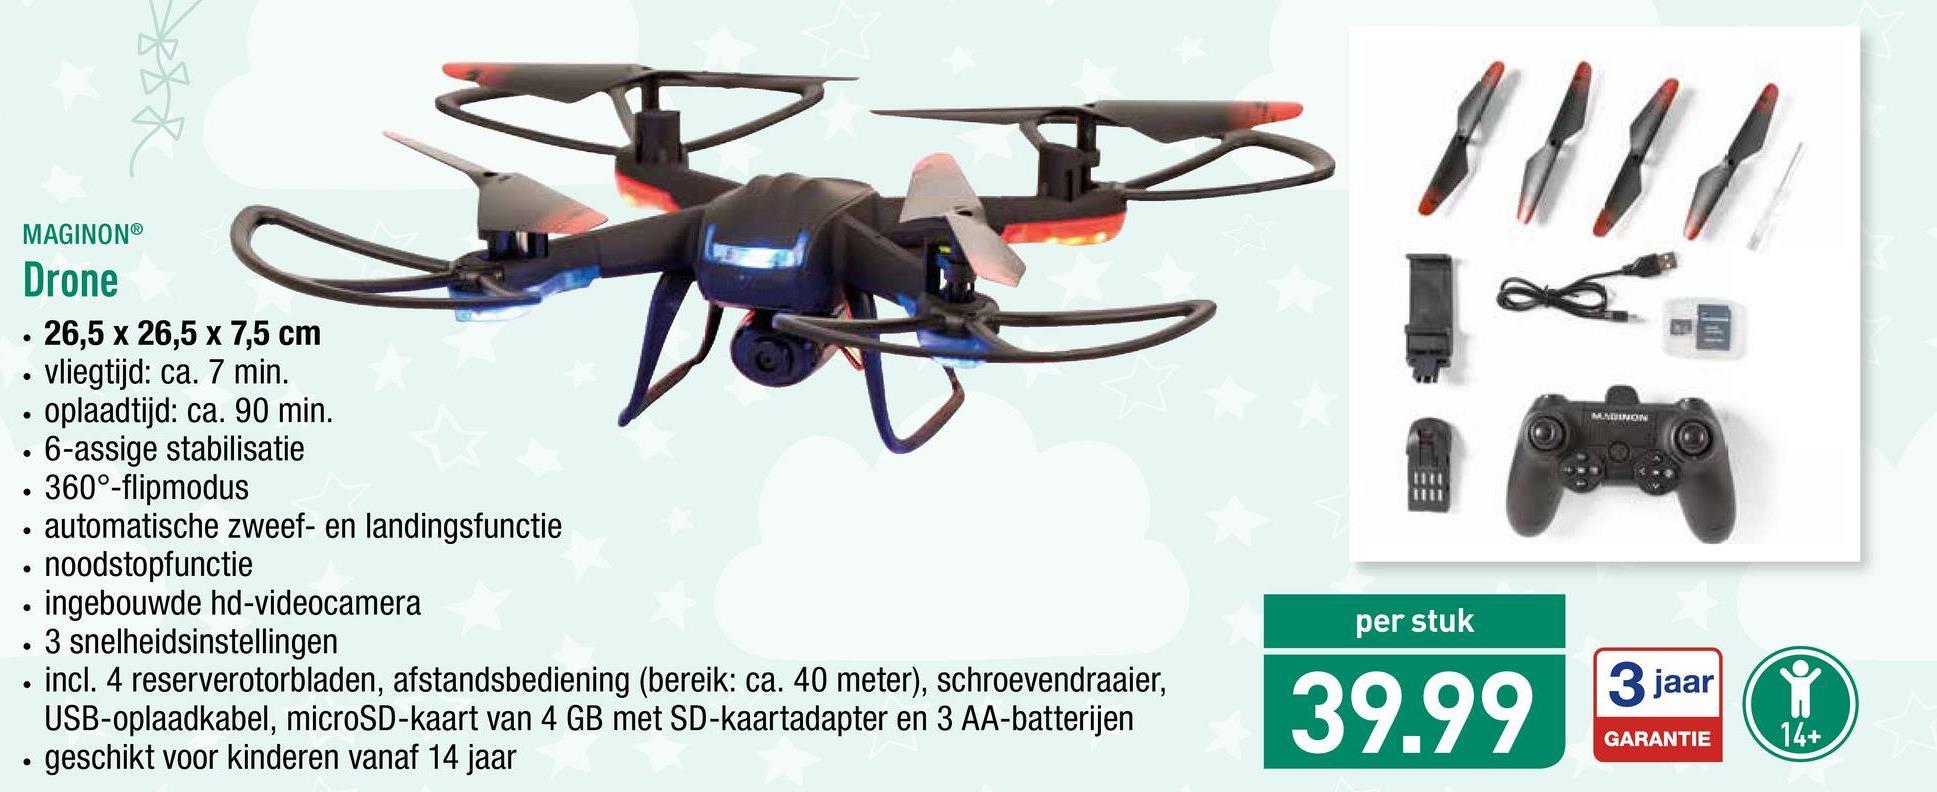 MERUN MAGINON® Drone . 26,5 x 26,5 x 7,5 cm • vliegtijd: ca. 7 min. • oplaadtijd: ca. 90 min. . 6-assige stabilisatie • 360°-flipmodus • automatische zweef- en landingsfunctie • noodstopfunctie • ingebouwde hd-videocamera . 3 snelheidsinstellingen . incl. 4 reserverotorbladen, afstandsbediening (bereik: ca. 40 meter), schroevendraaier, USB-oplaadkabel, microSD-kaart van 4 GB met SD-kaartadapter en 3 AA-batterijen • geschikt voor kinderen vanaf 14 jaar per stuk 39.99 30 3 jaar GARANTIE